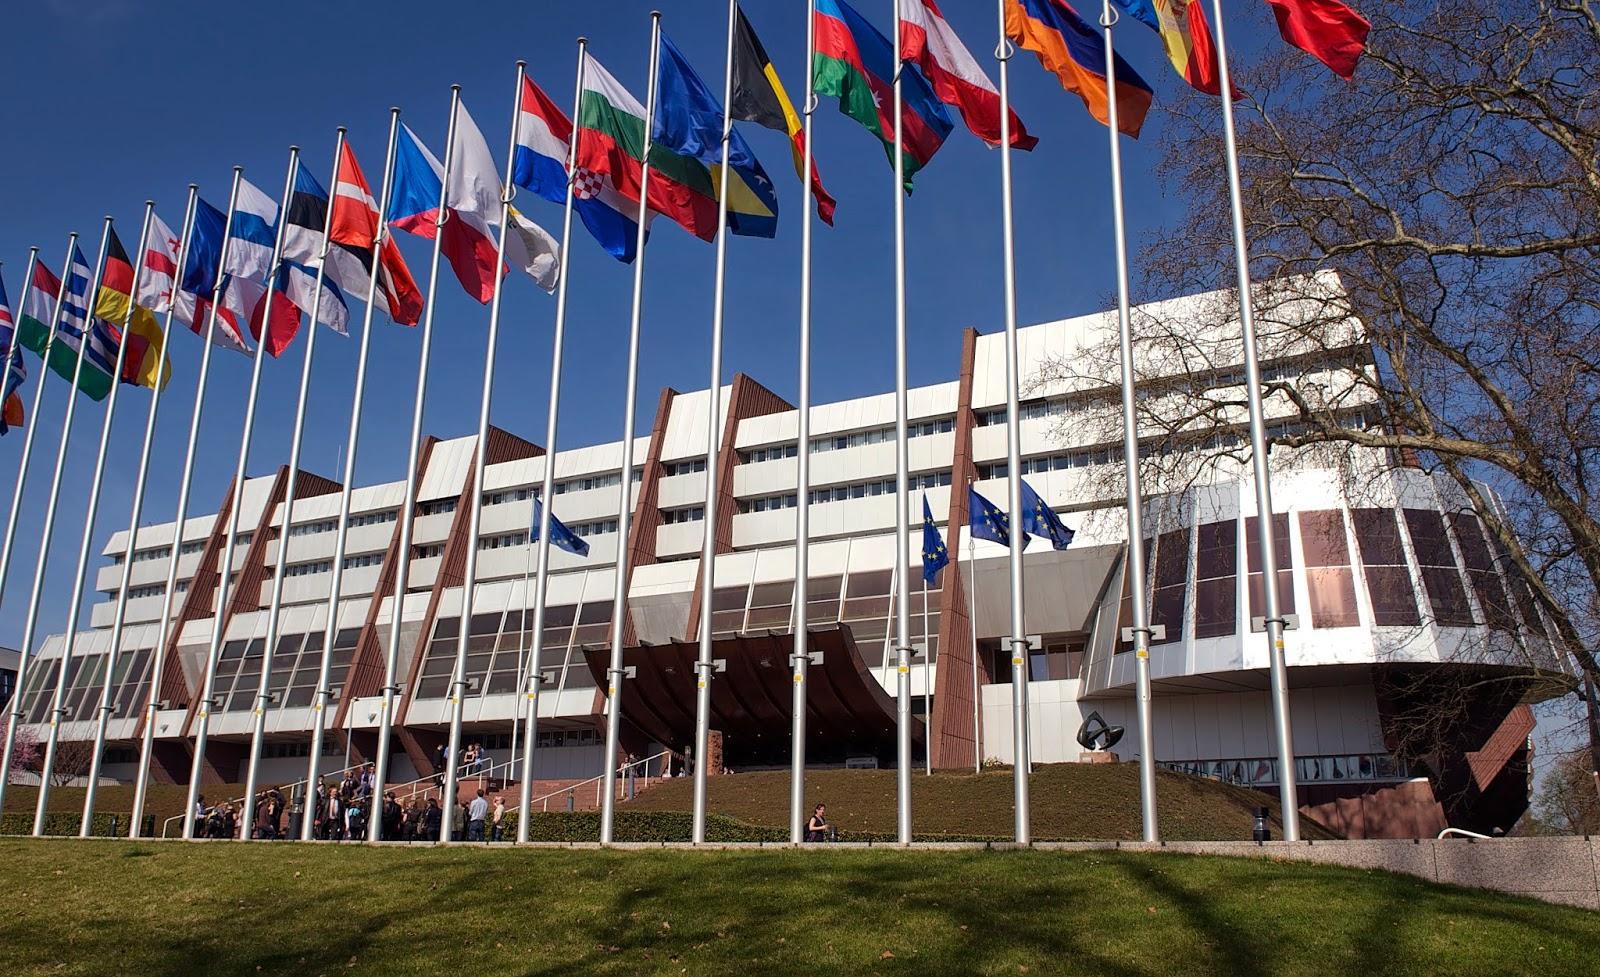 Члены совета европы 3 фотография